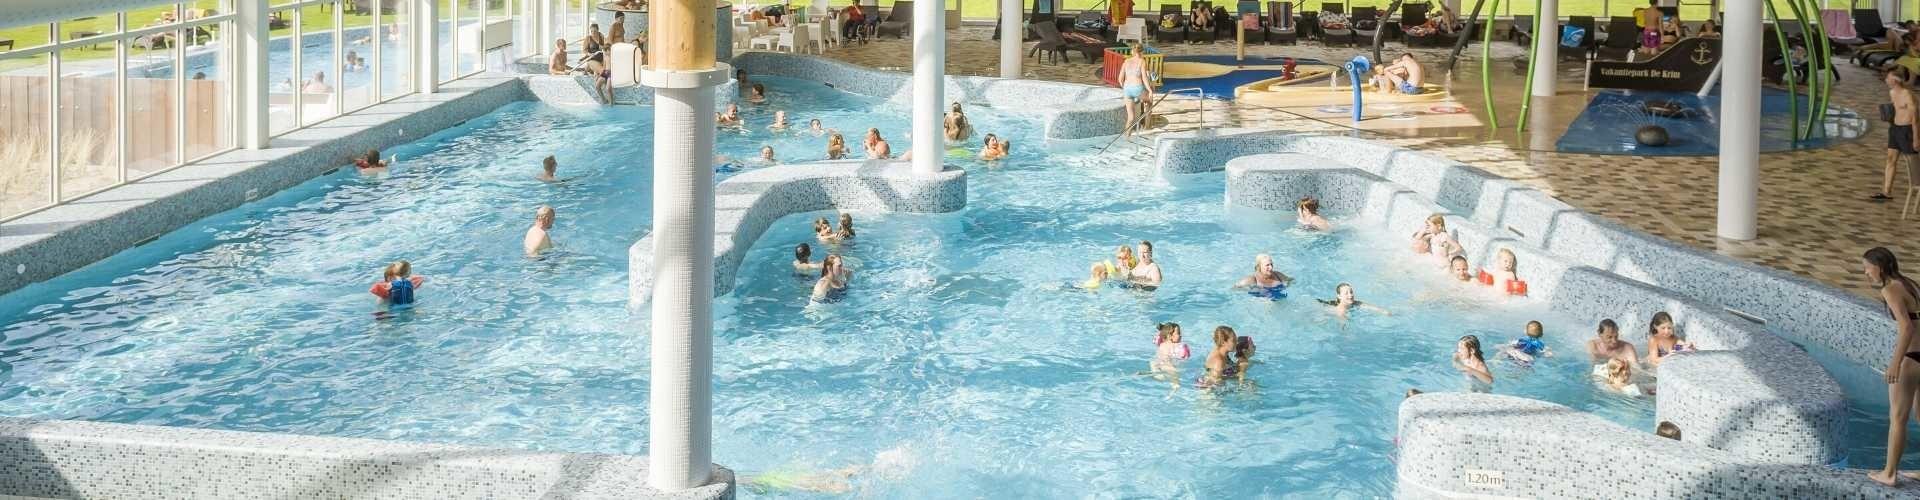 zwemmen in zwembad texel